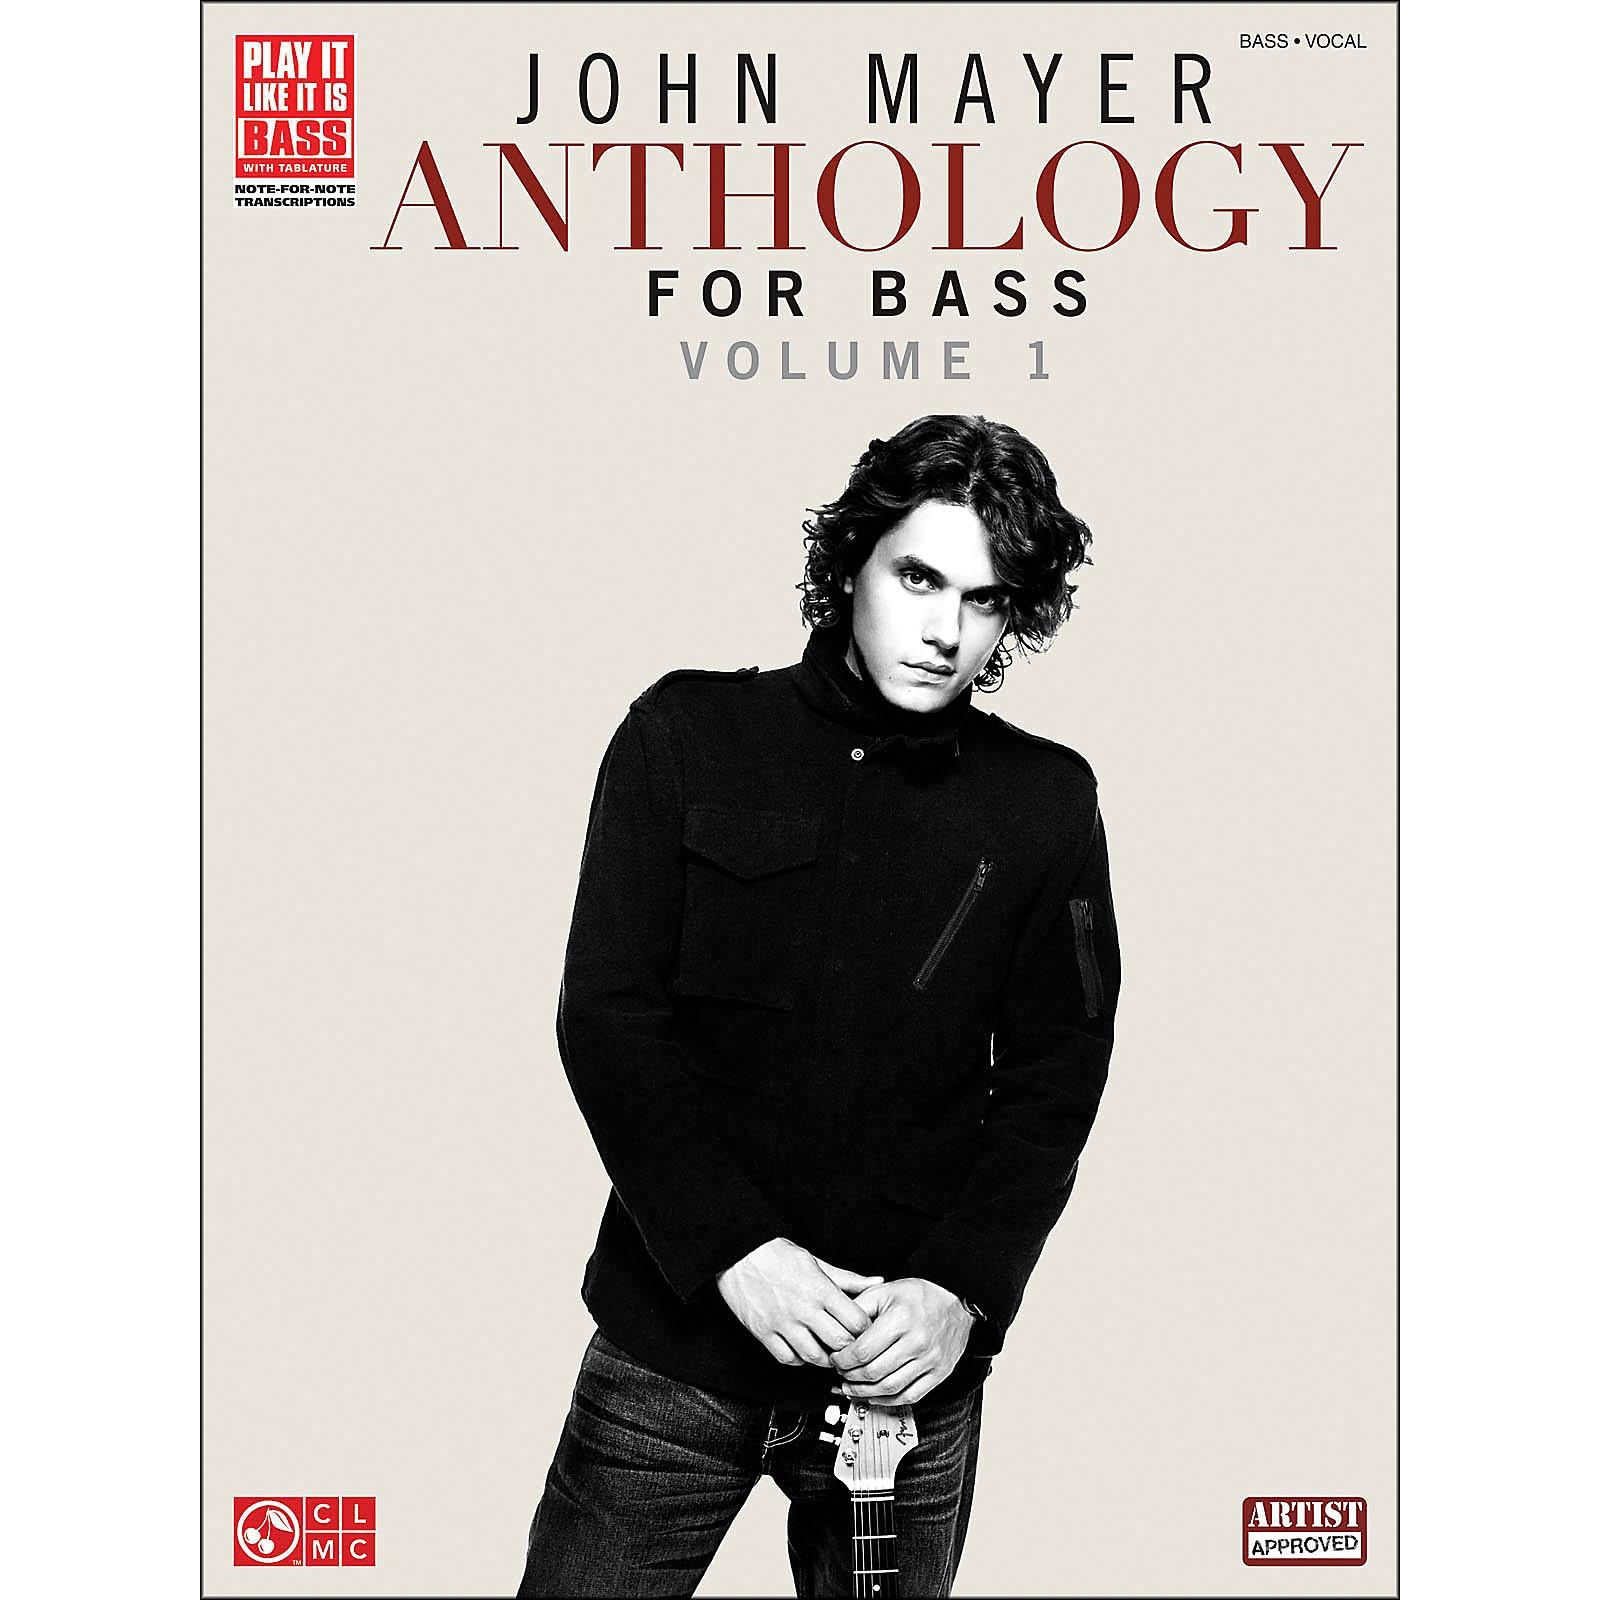 Cherry Lane John Mayer Anthology for Bass: Volume 1